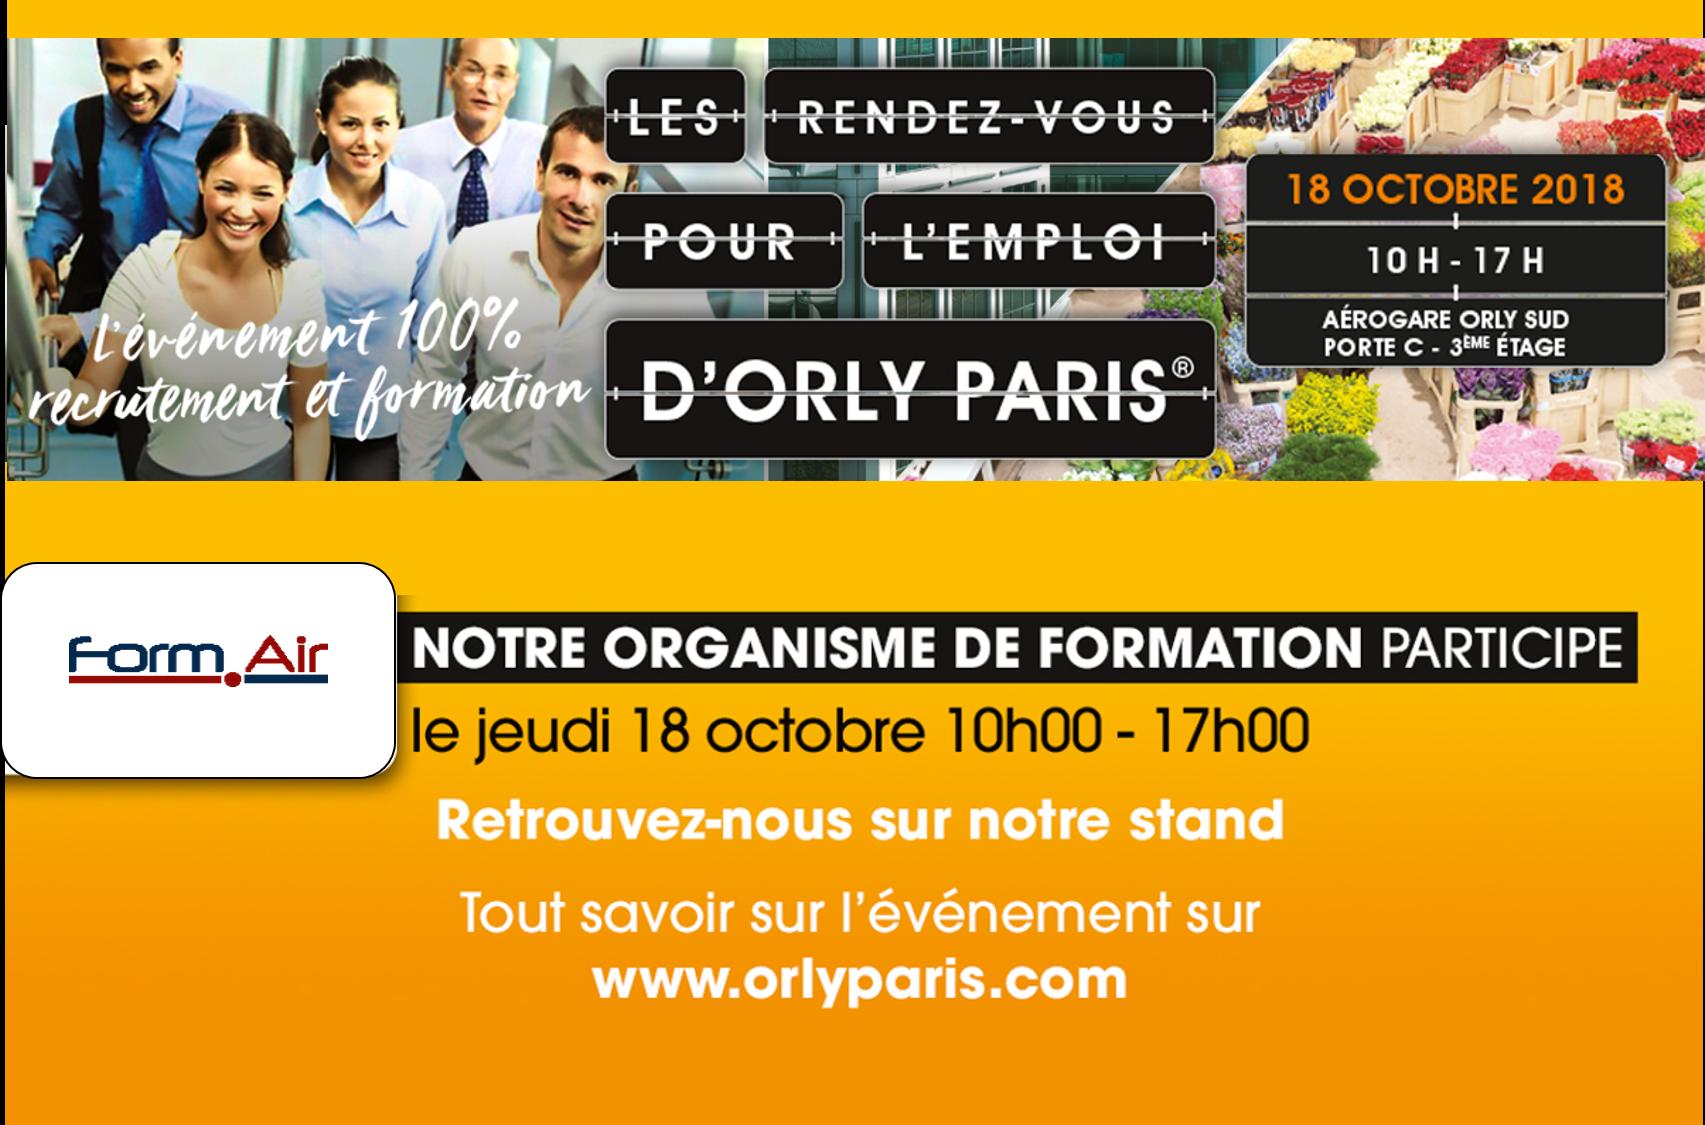 Les rendez vous pour l'emploi : Orly Paris